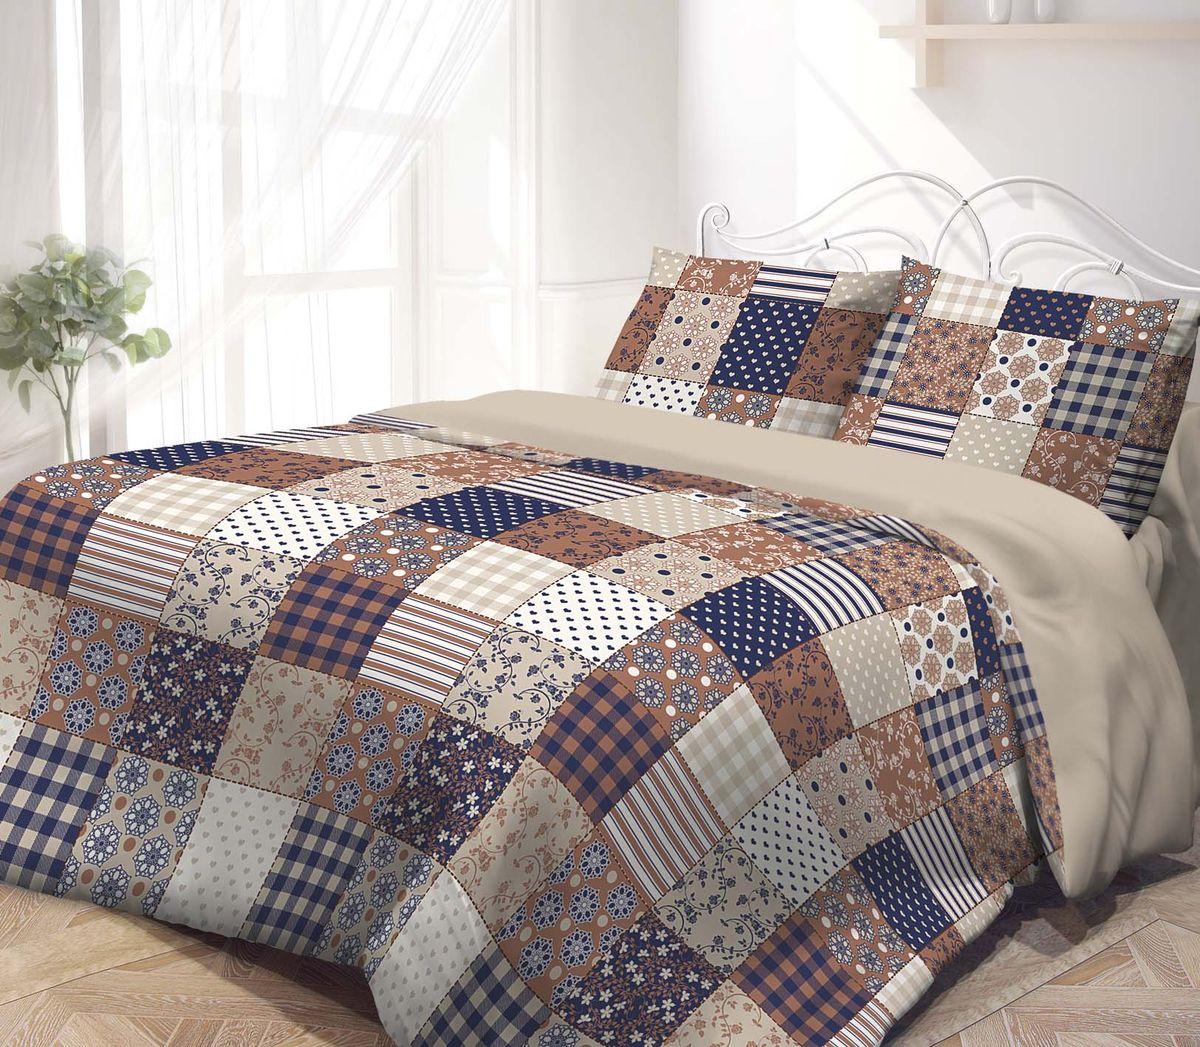 Комплект белья Гармония, семейный, наволочки 70х70, цвет: синий, коричневыйK100Комплект постельного белья Гармония является экологически безопасным, так как выполнен из поплина (100% хлопка). Комплект состоит из двух пододеяльников, простыни и двух наволочек. Постельное белье оформлено орнаментом в клеткуи имеет изысканный внешний вид. Постельное белье Гармония - лучший выбор для современной хозяйки! Его отличают демократичная цена и отличное качество. Поплин мягкий и приятный на ощупь. Кроме того, эта ткань не требует особого ухода, легко стирается и прекрасно держит форму. Высококачественные красители, которые используются при производстве постельного белья, сохраняют свой цвет даже после многочисленных стирок.